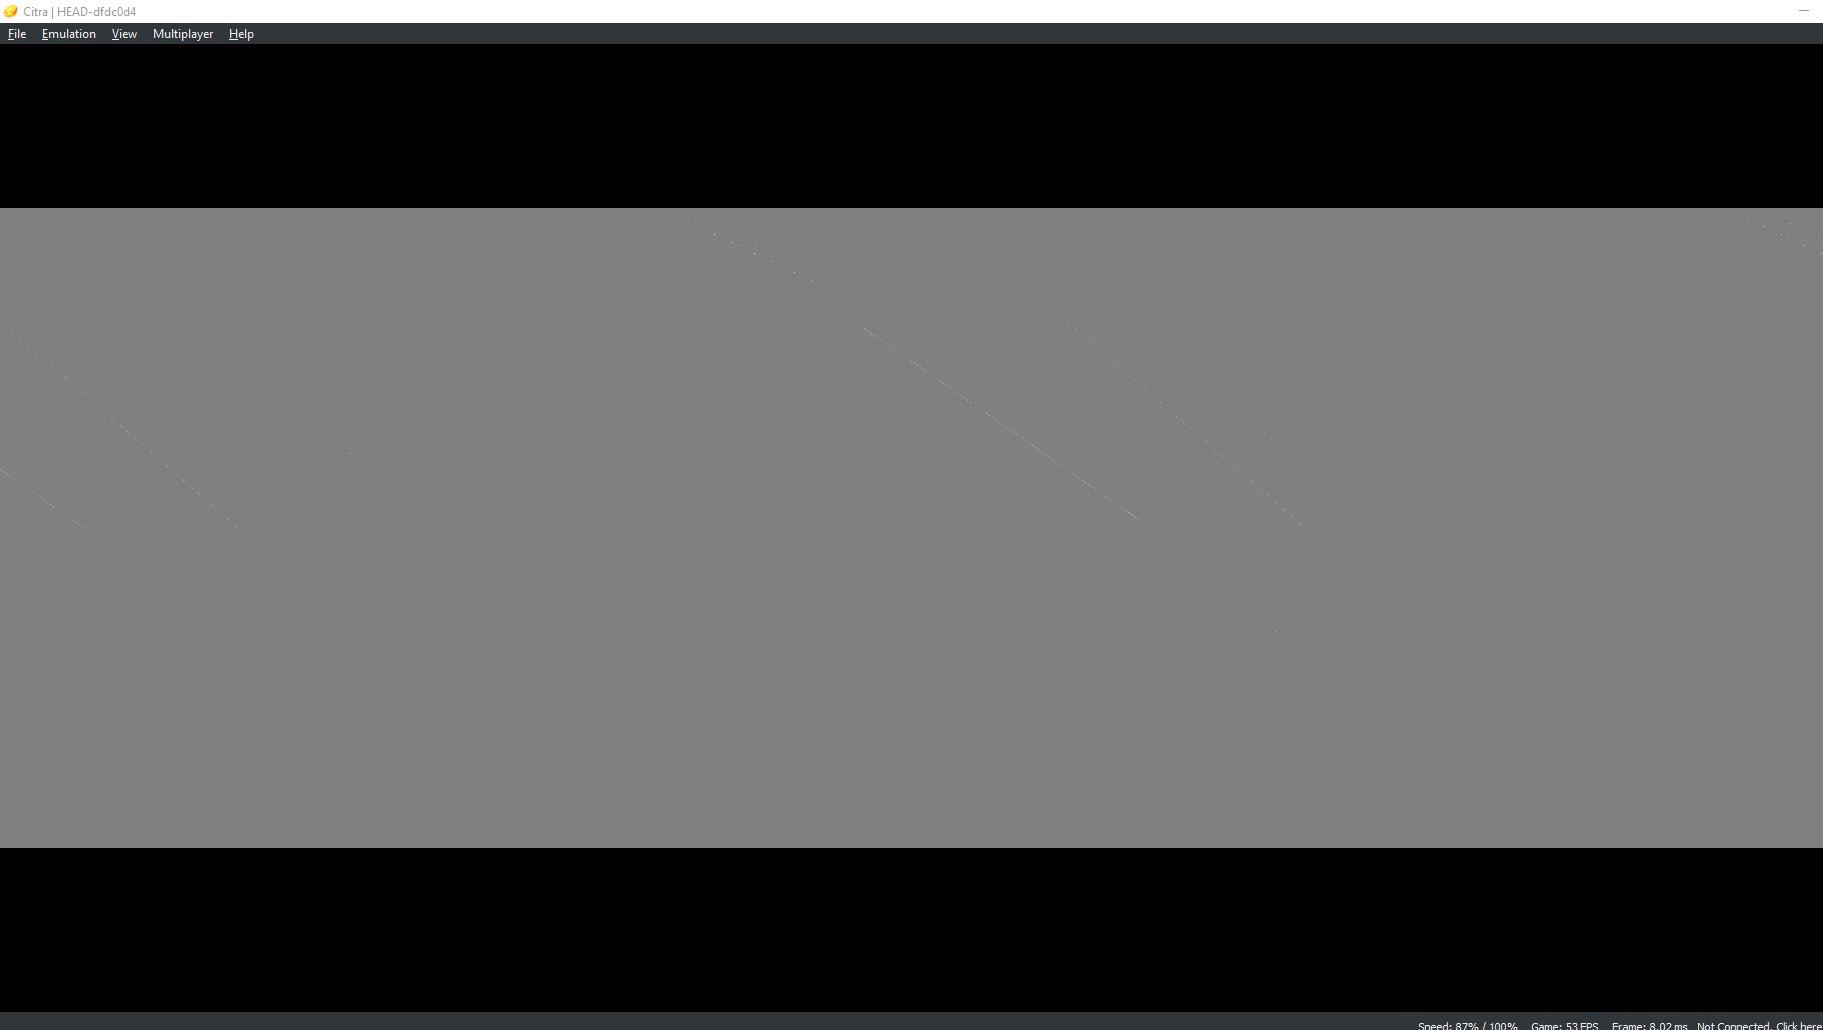 Citra Emulador Drive Nvidia beta397 96 · Issue #3802 · citra